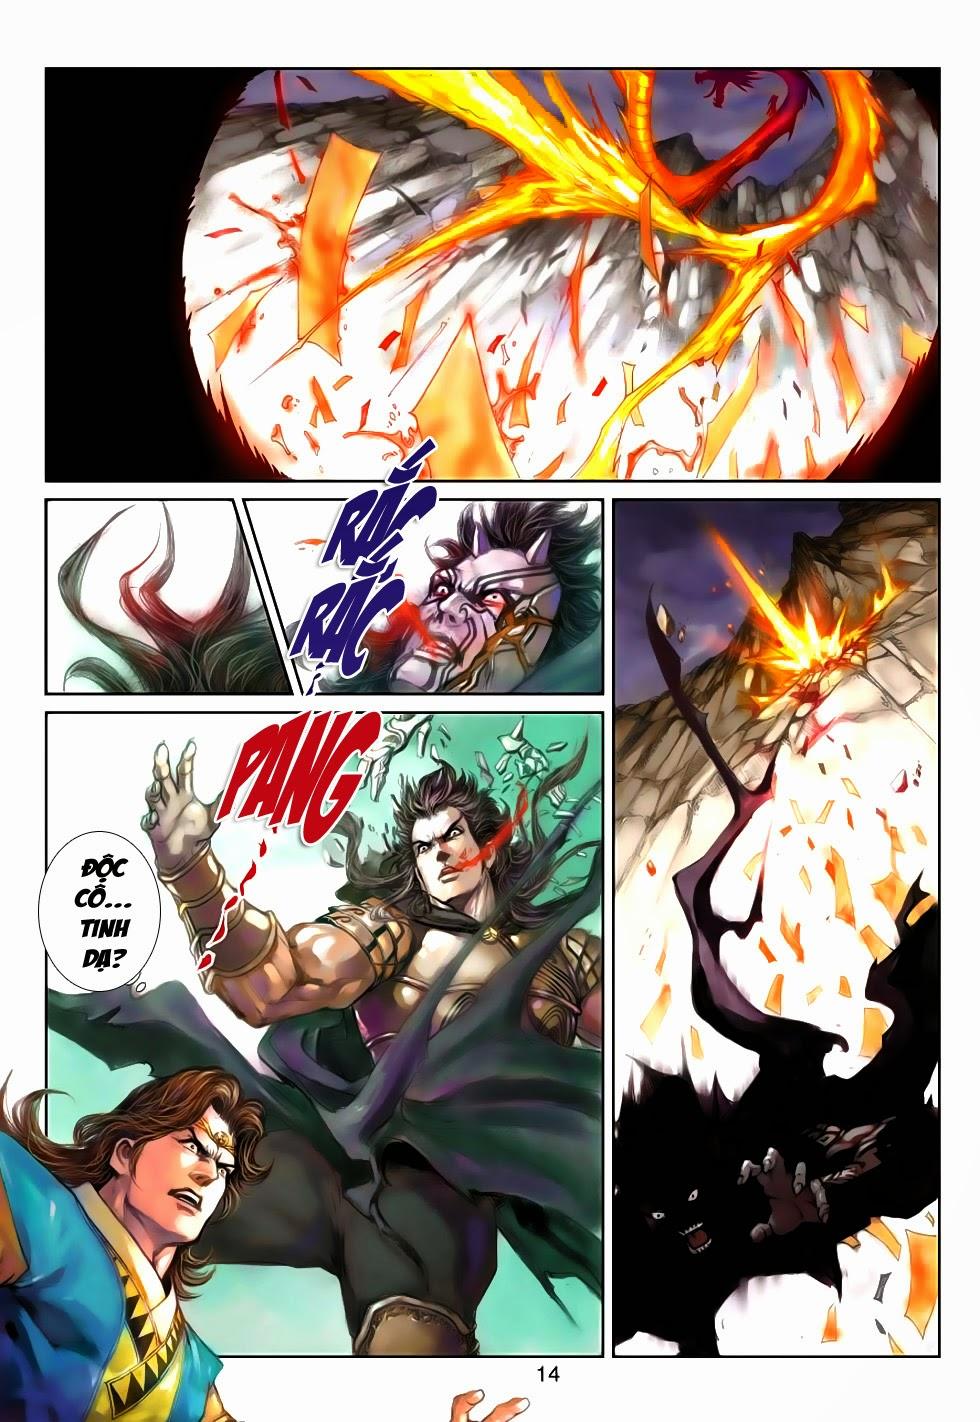 Thần Binh Tiền Truyện 4 - Huyền Thiên Tà Đế chap 5 - Trang 14